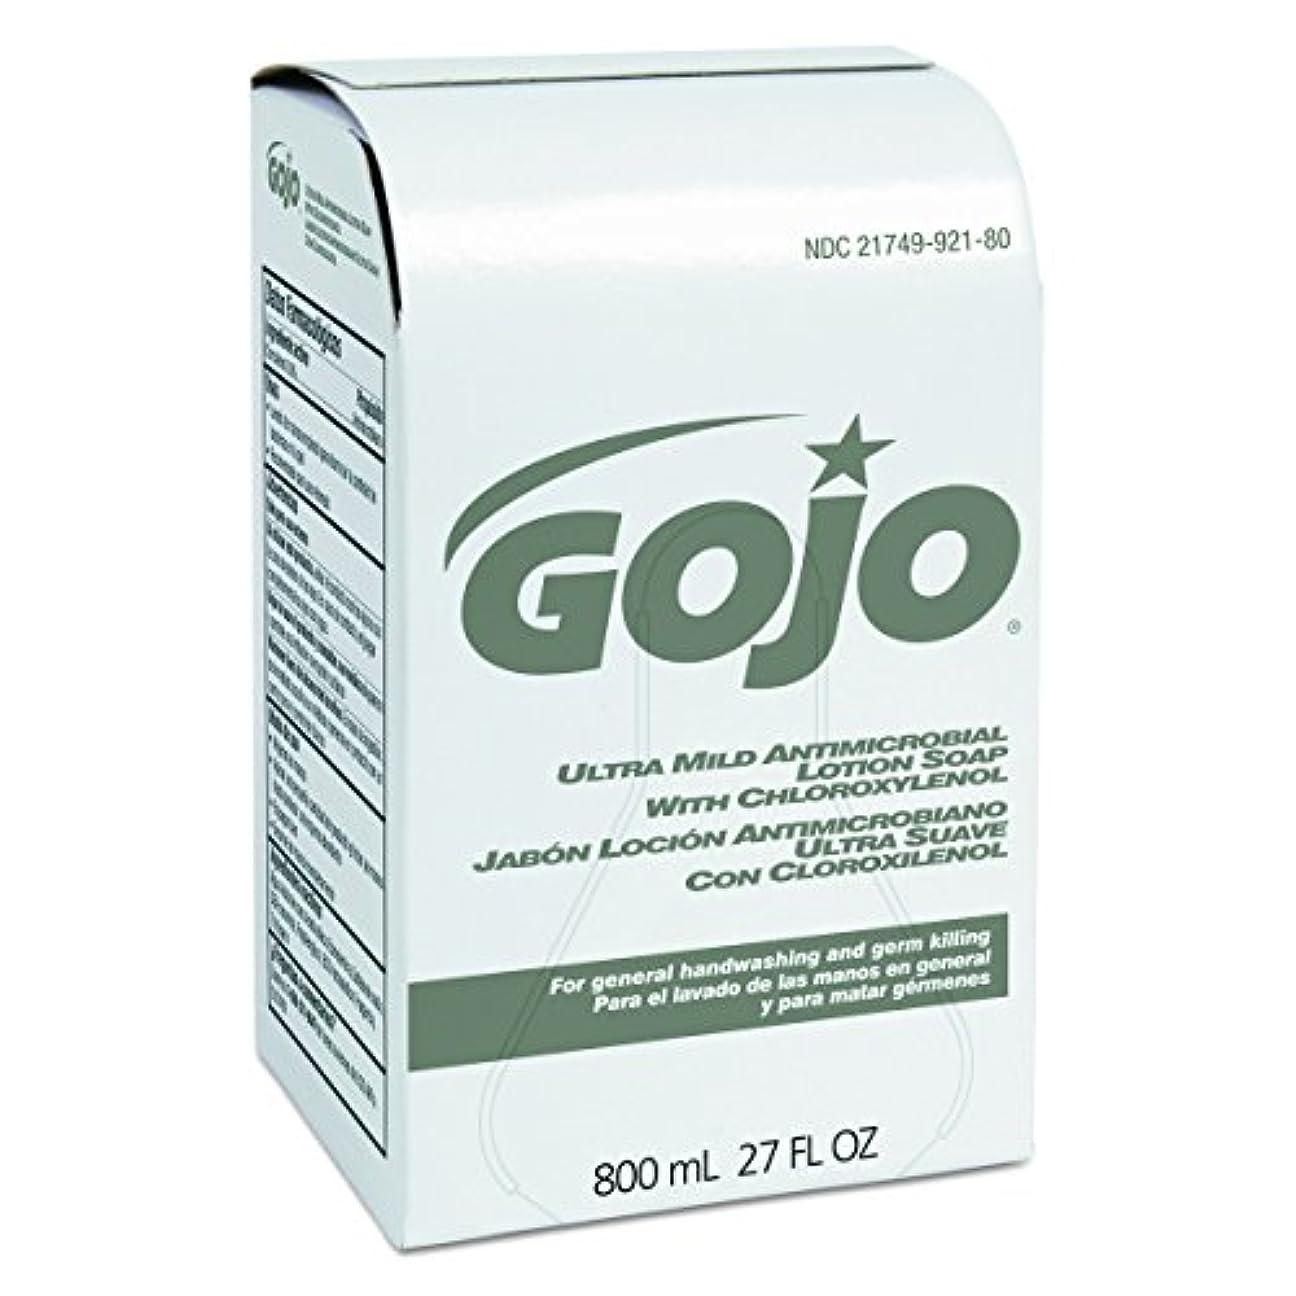 ブランチ穴帝国Ultra Mild Lotion Soap w/Chloroxylenol Refill, Lightly Scented, 800-ml (並行輸入品)